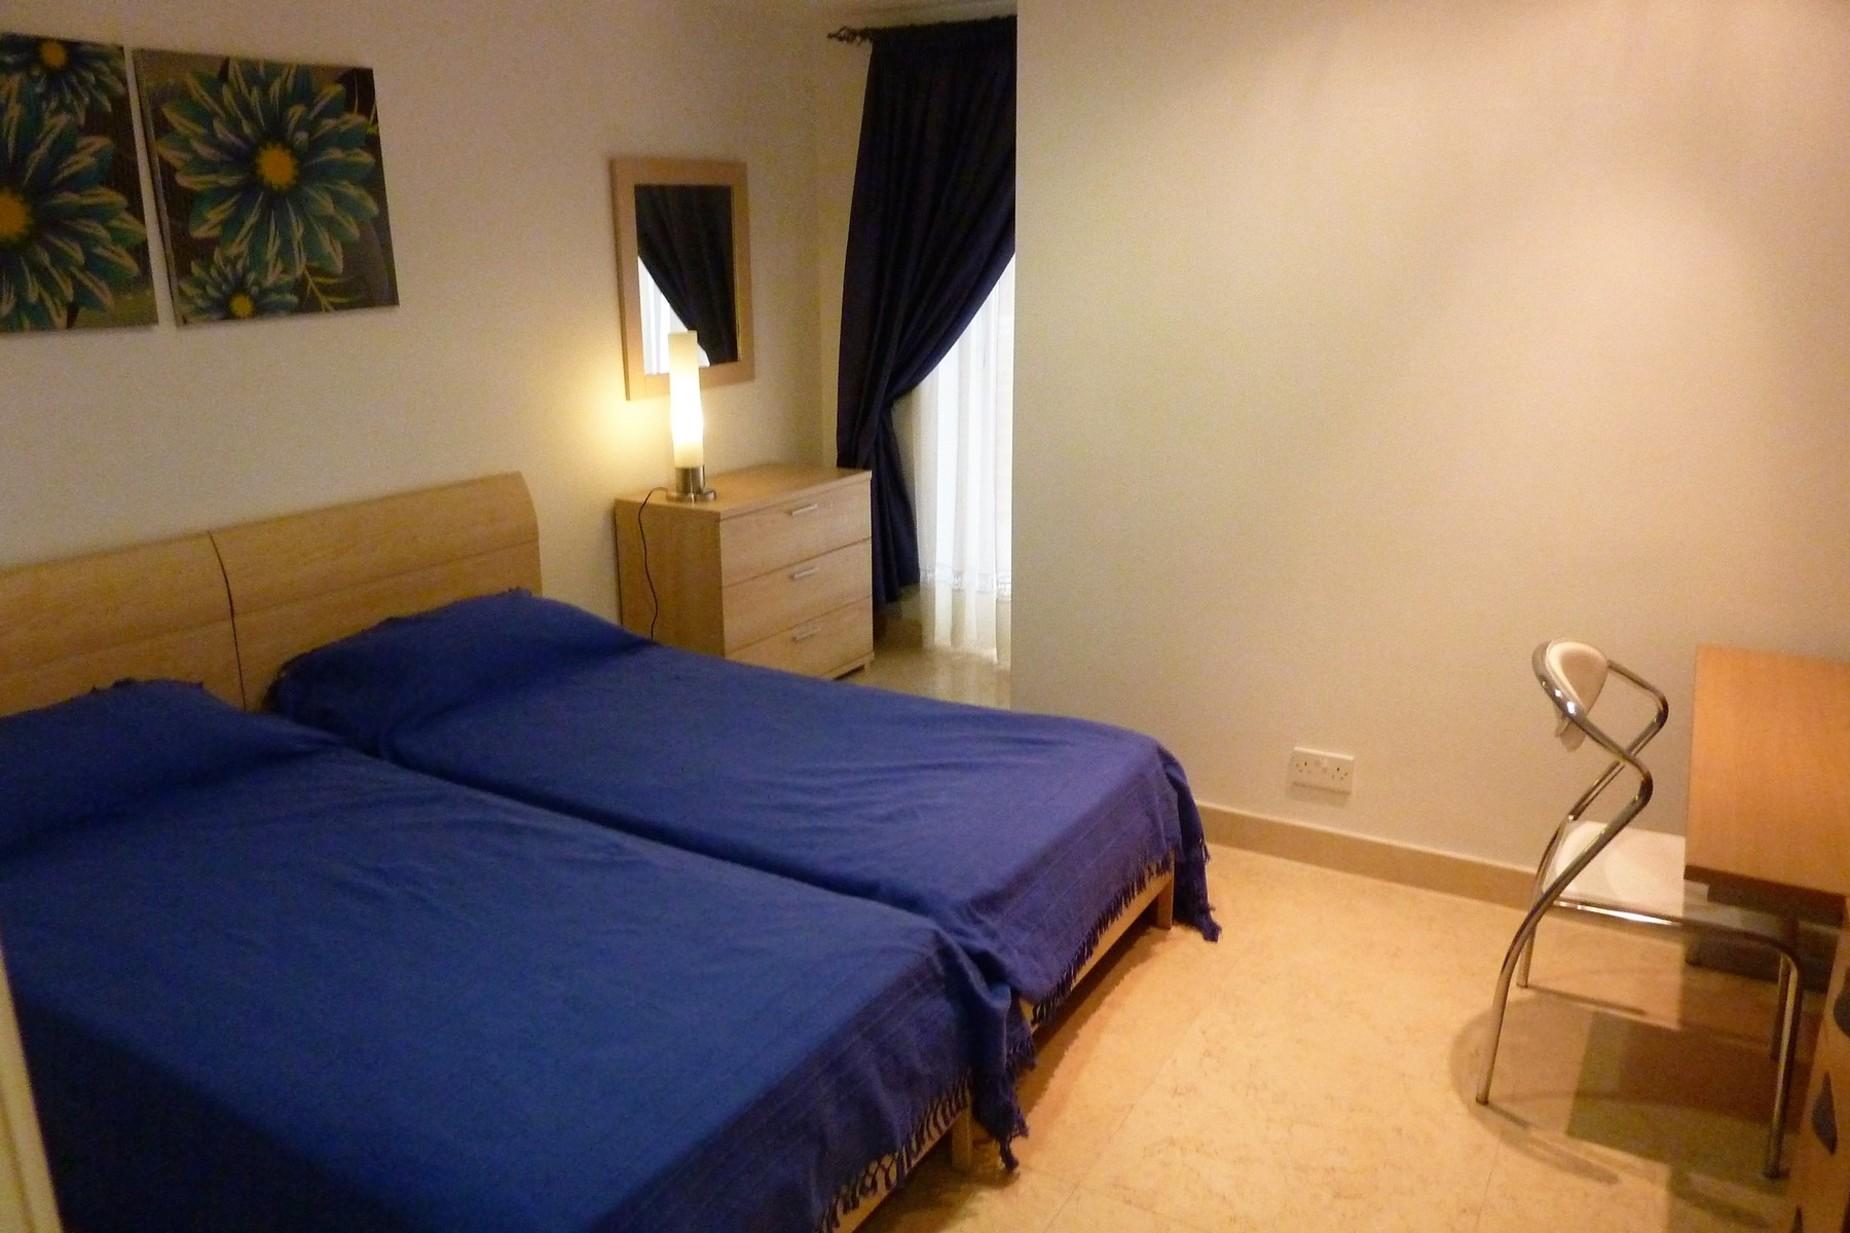 3 bed Apartment For Rent in Ta' Xbiex, Ta' Xbiex - thumb 9